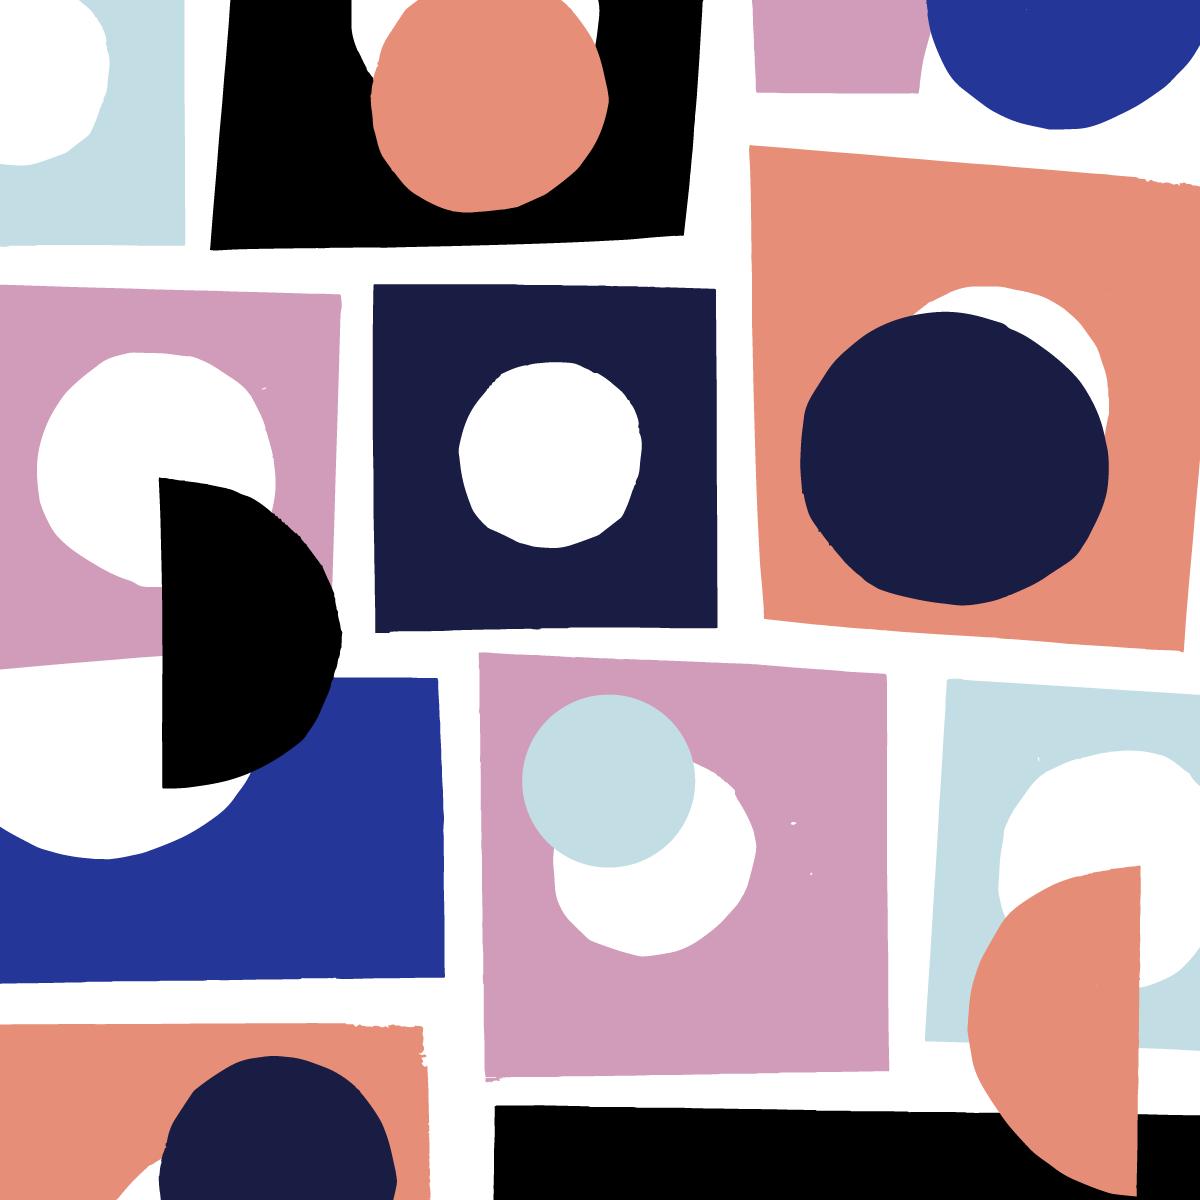 peoria_graphic designer_pattern design.png